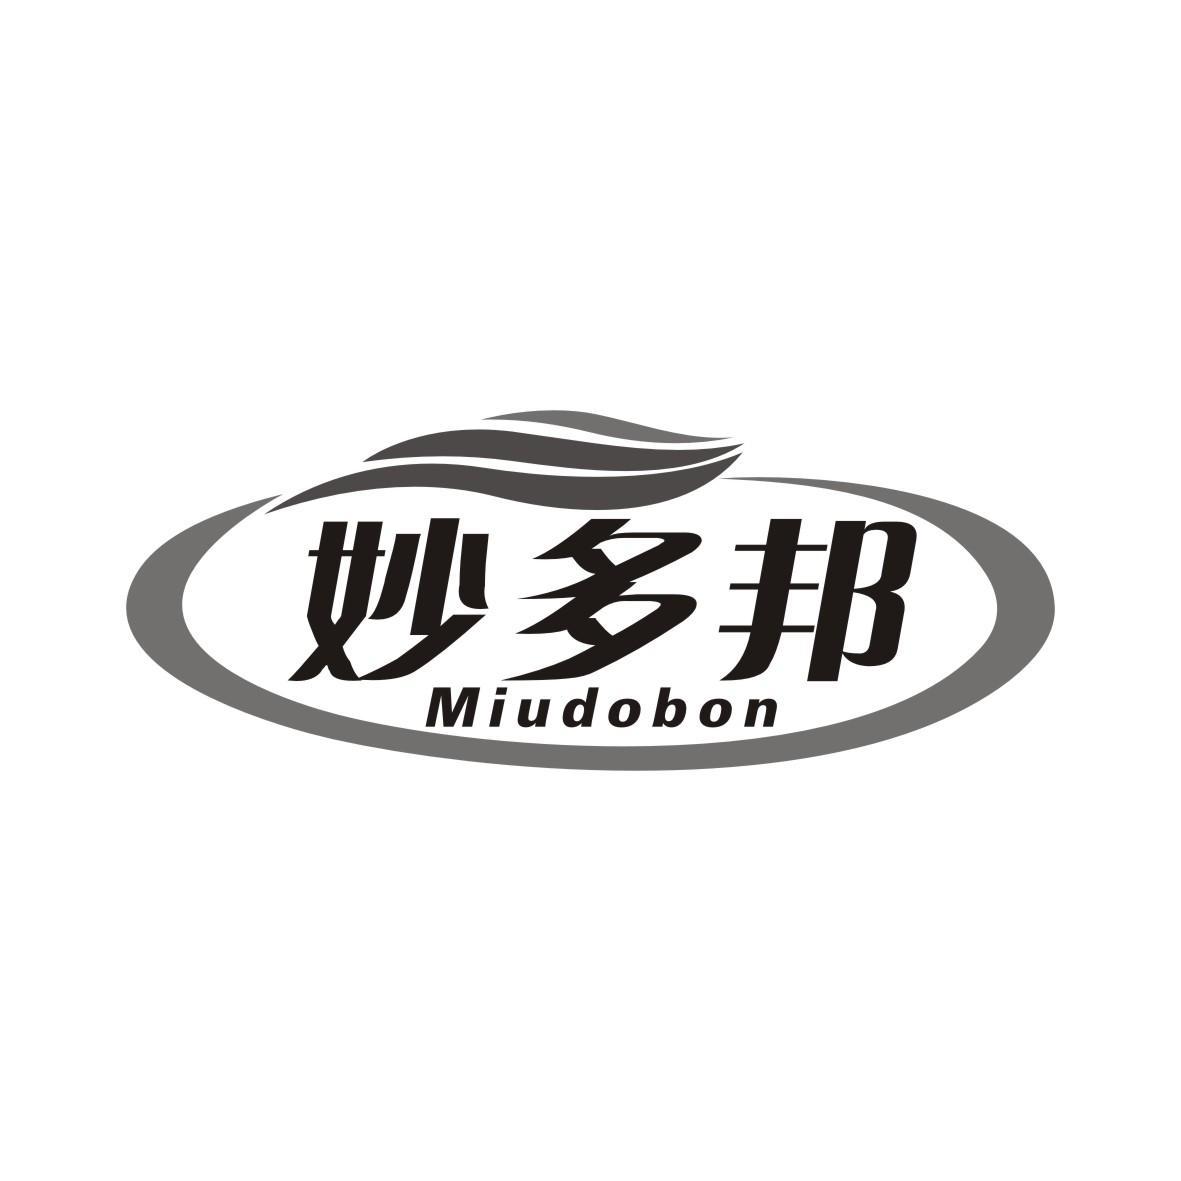 转让外围滚球软件365_365滚球网站下载_365滚球 已经1比0 让球-妙多邦 MIUDOBON